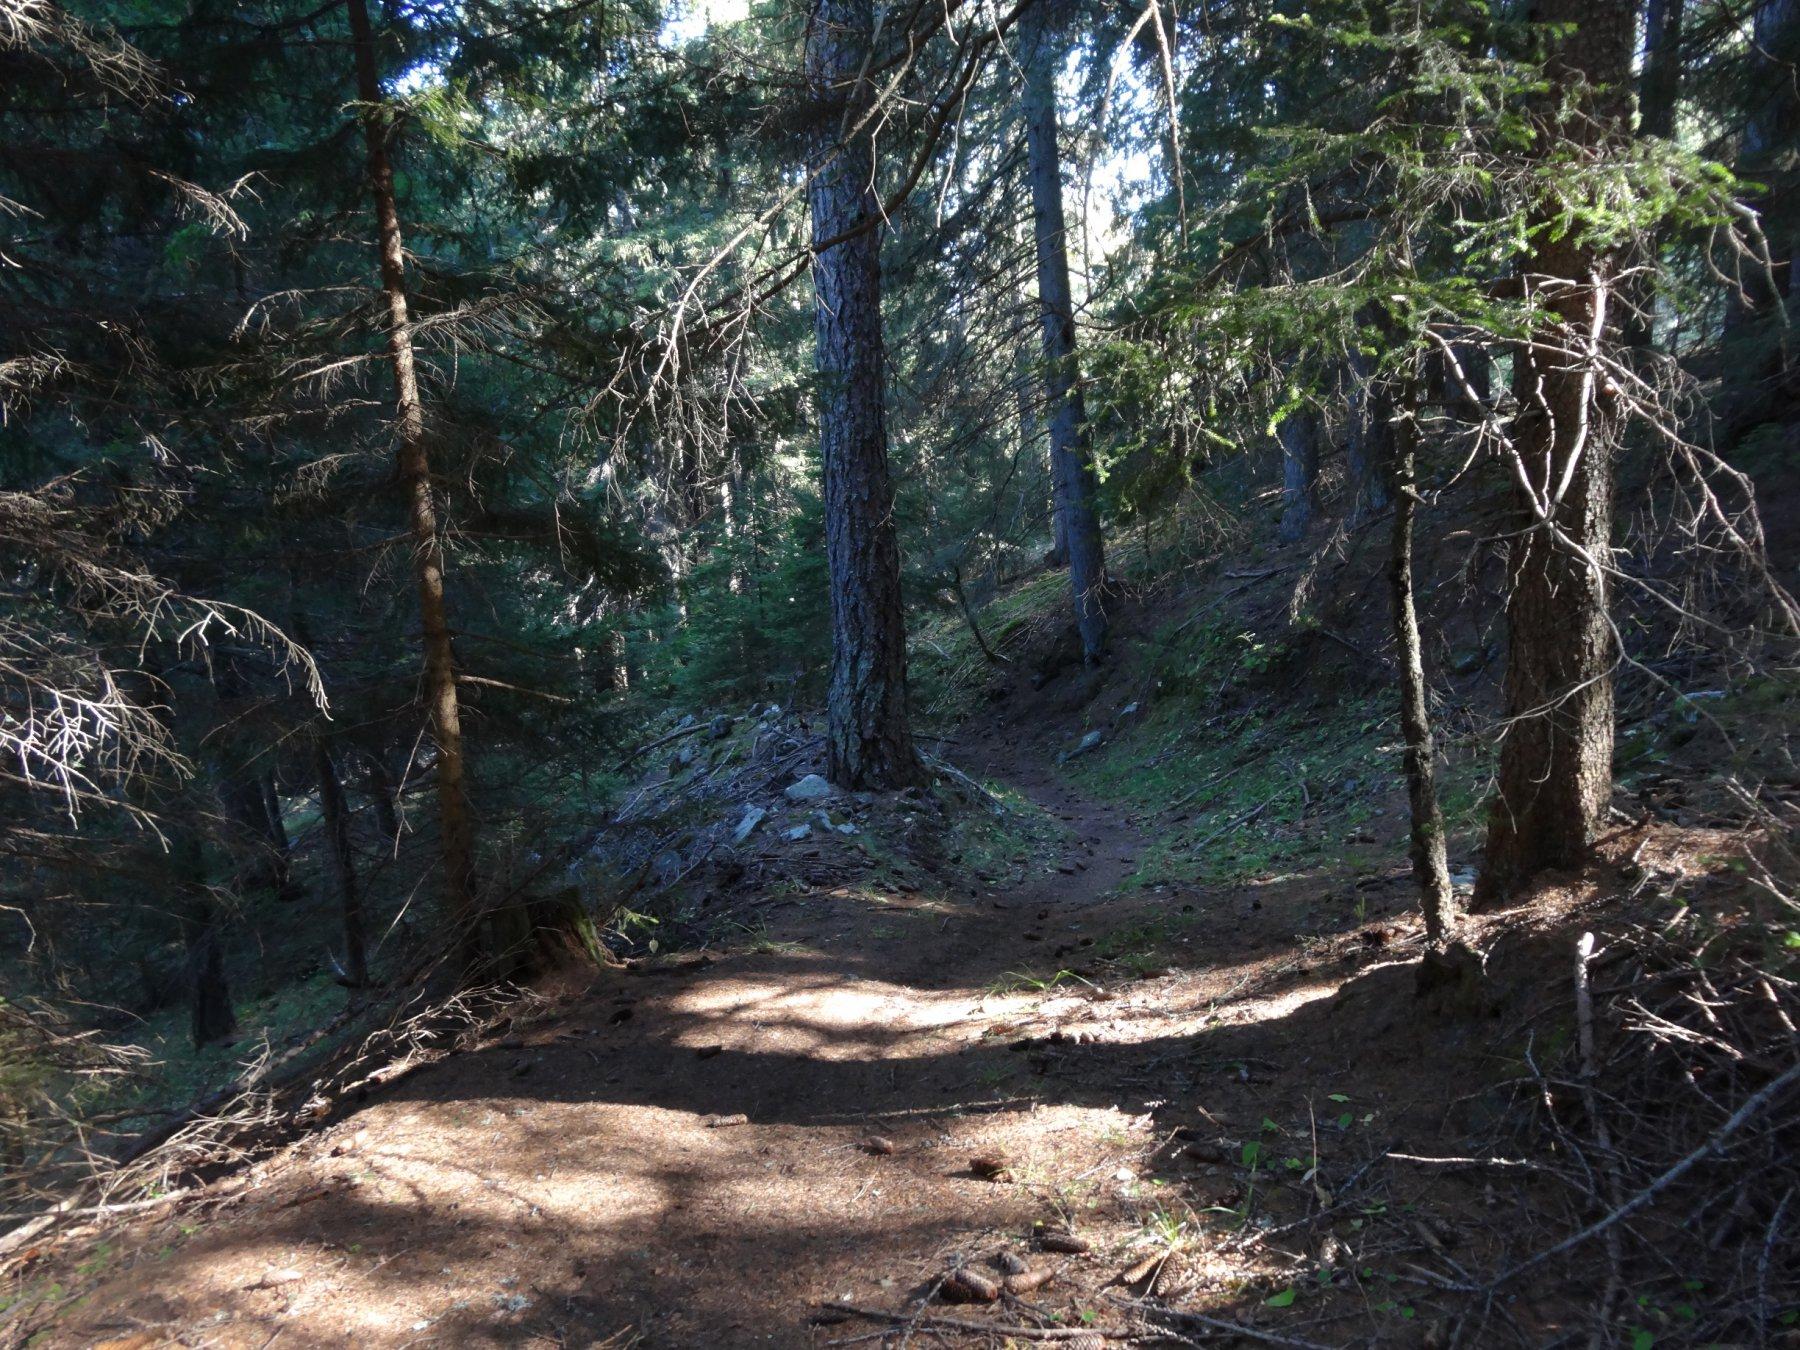 il bel sentiero nel bosco dopo goubelin